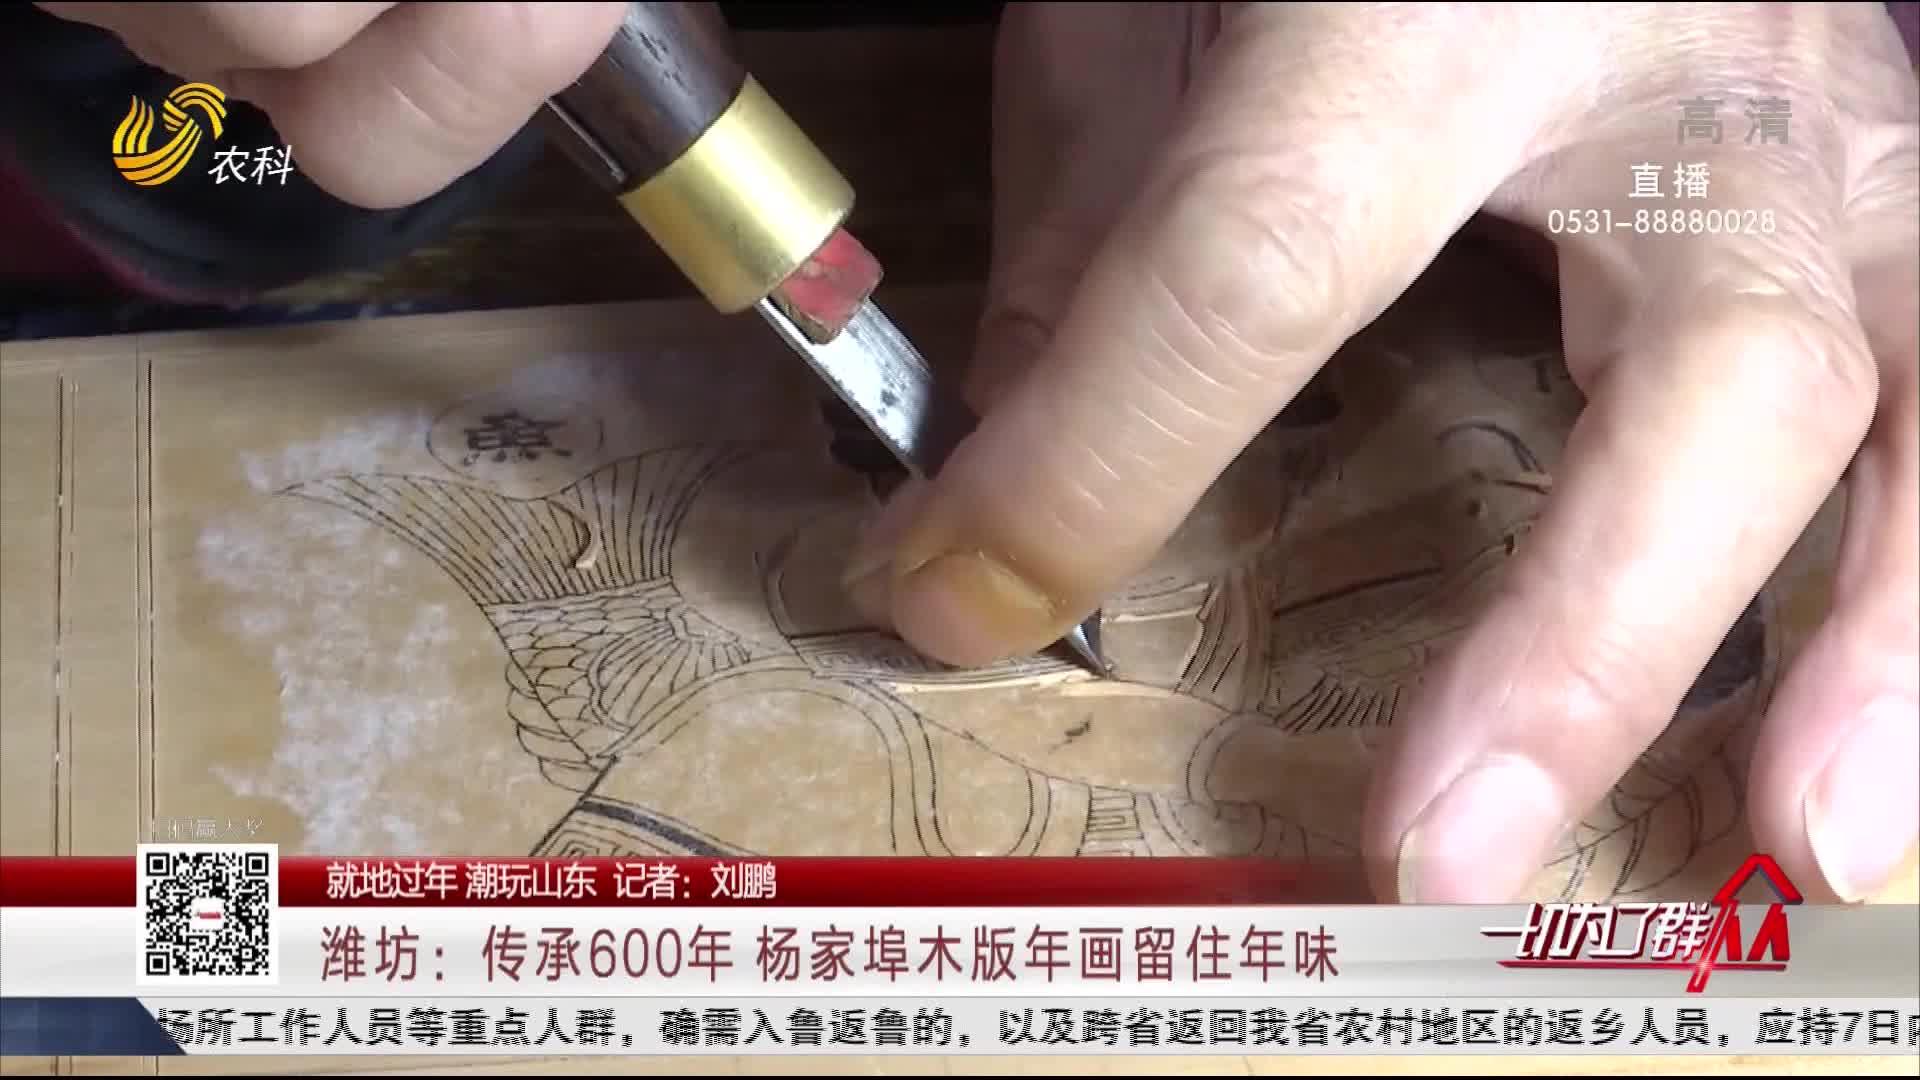 【就地过年 潮玩山东】潍坊:传承600年 杨家埠木版年画留住年味